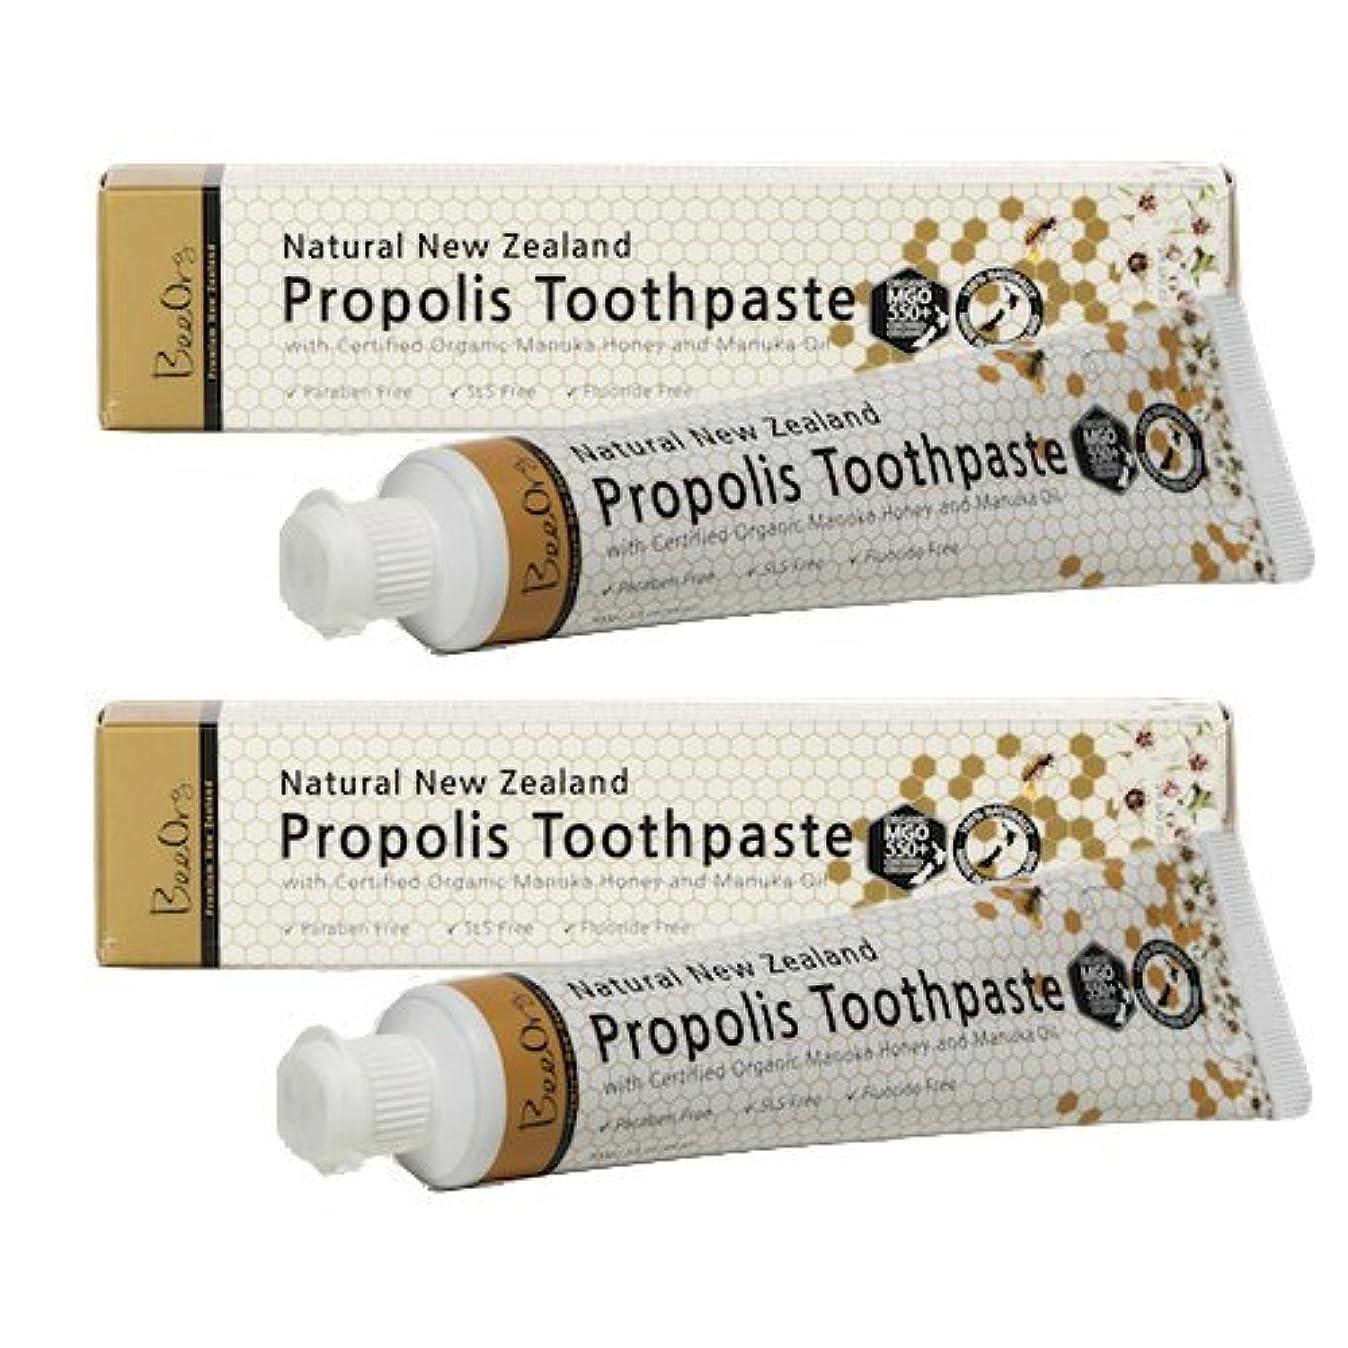 関係ないコードエンジニアリングプロポリス&オーガニック認定マヌカハニーwithマヌカオイル歯磨き 2本セット